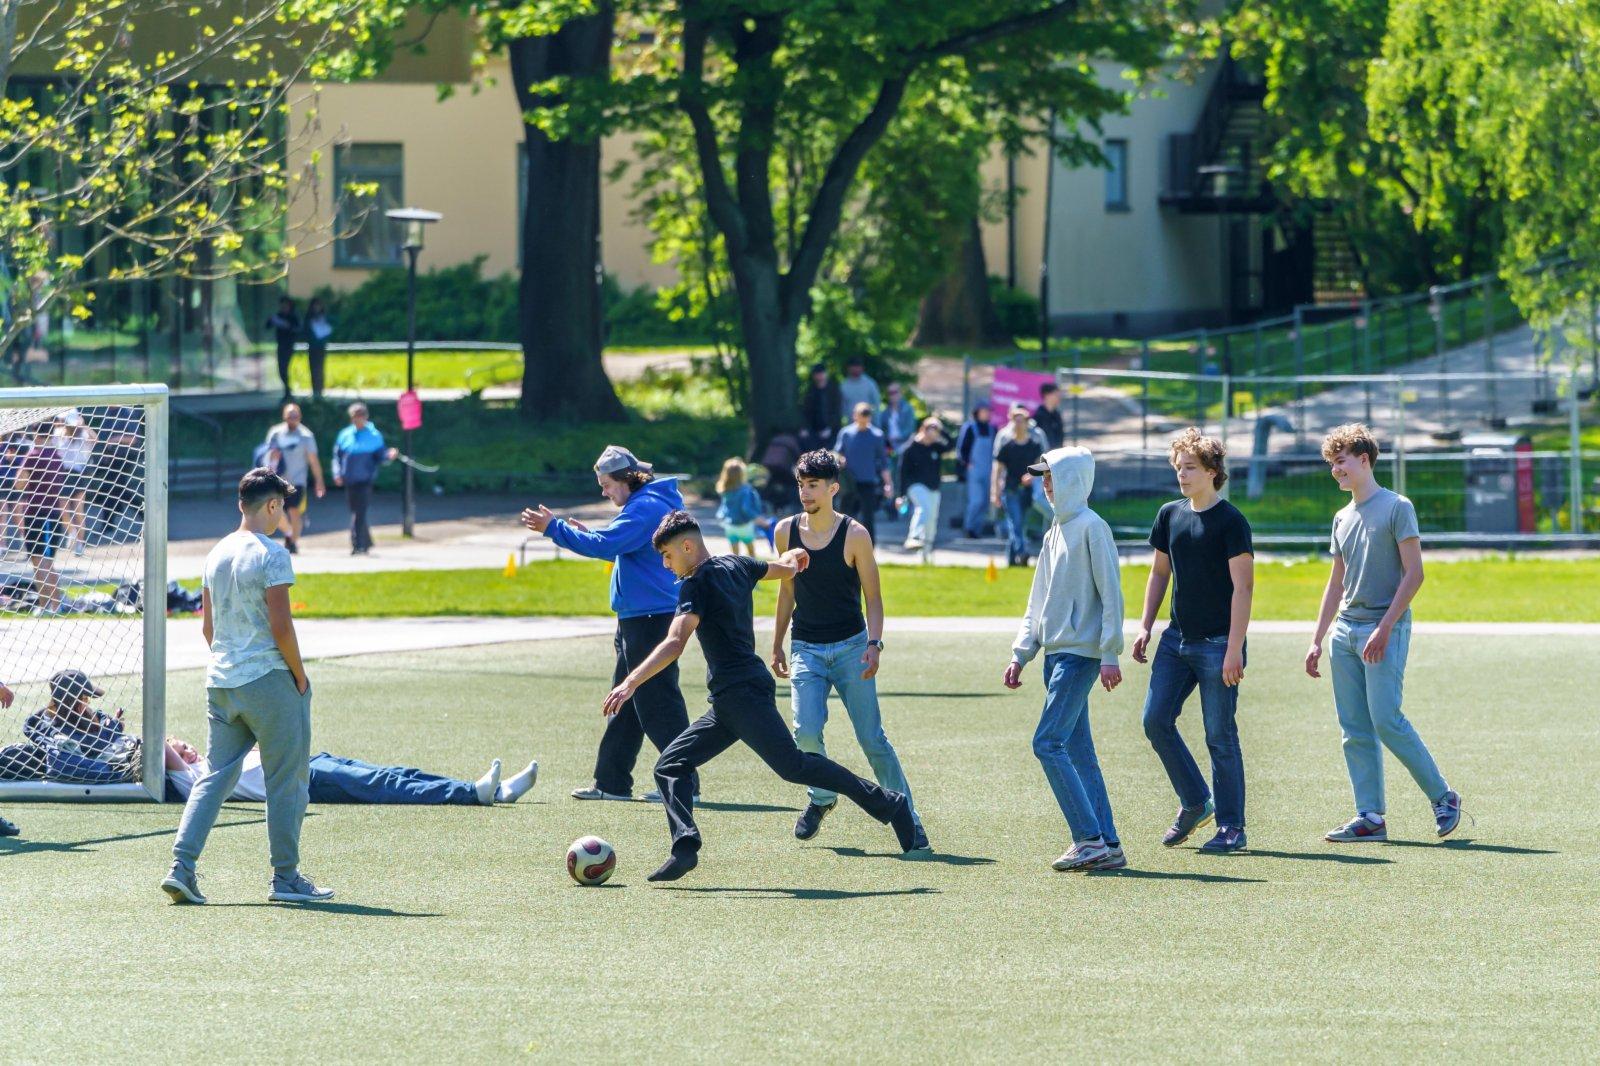 6月1日,青少年在瑞典斯德哥爾摩一處公園踢足球。(新華社)